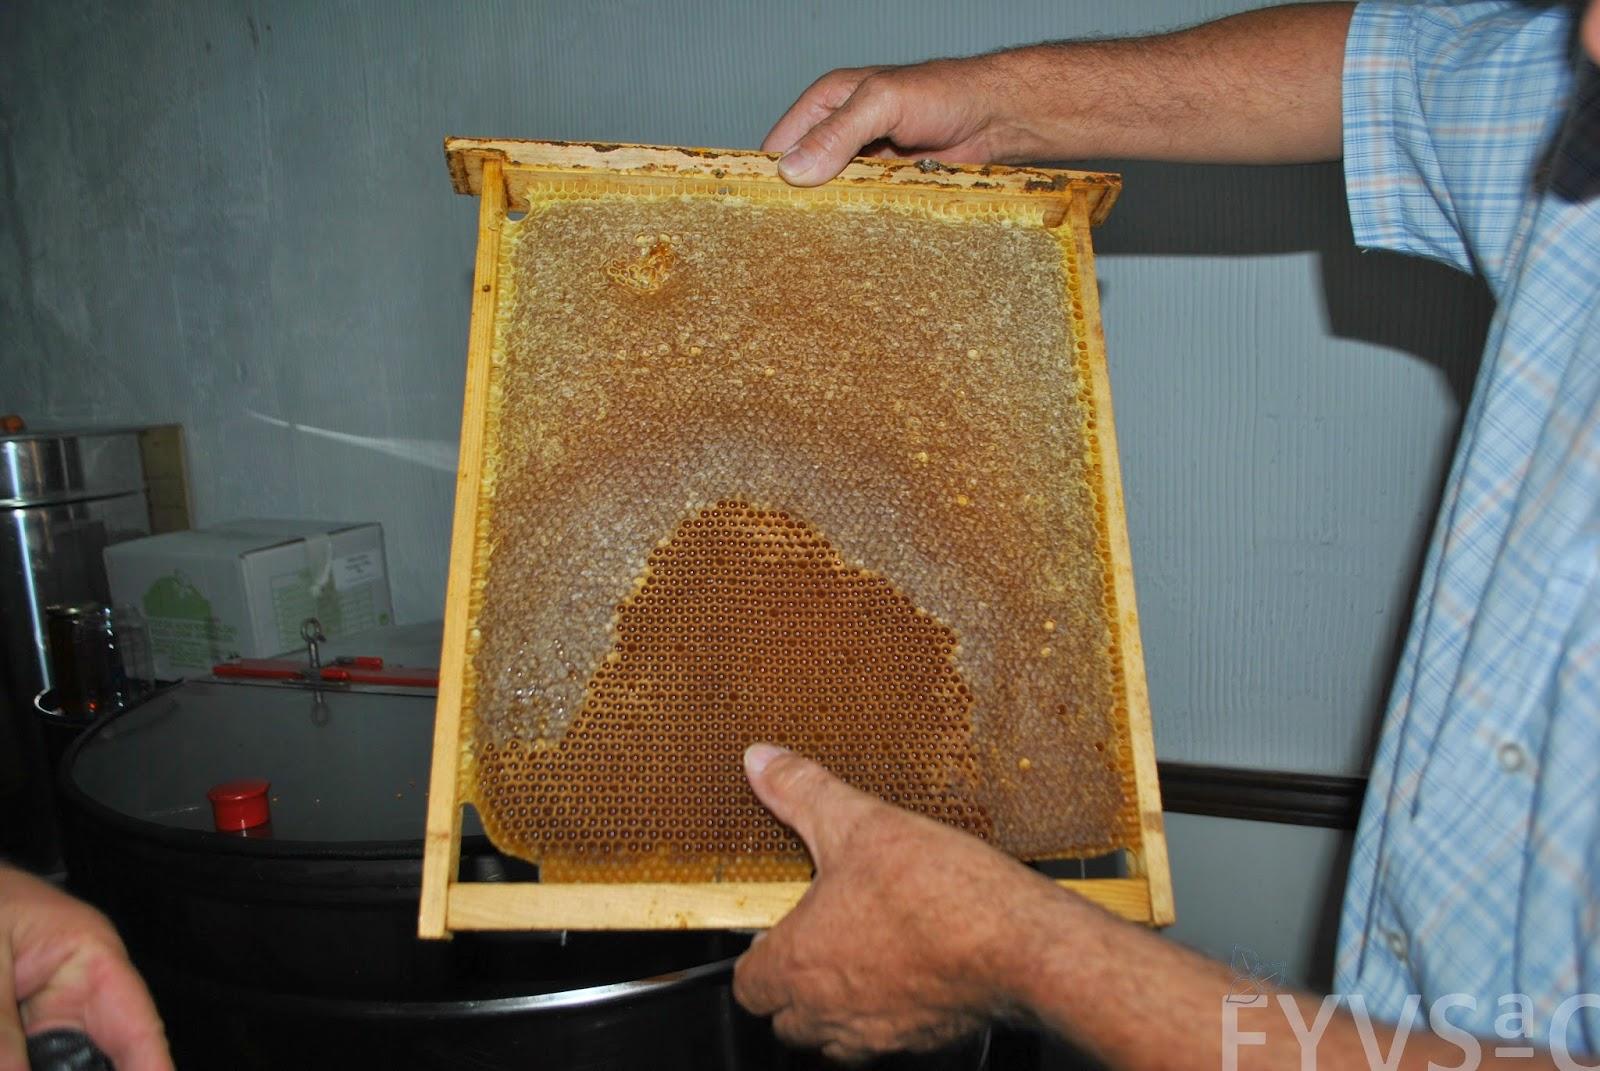 Familias dedicadas a la apicultura producen miel en la Sierra de Cártama